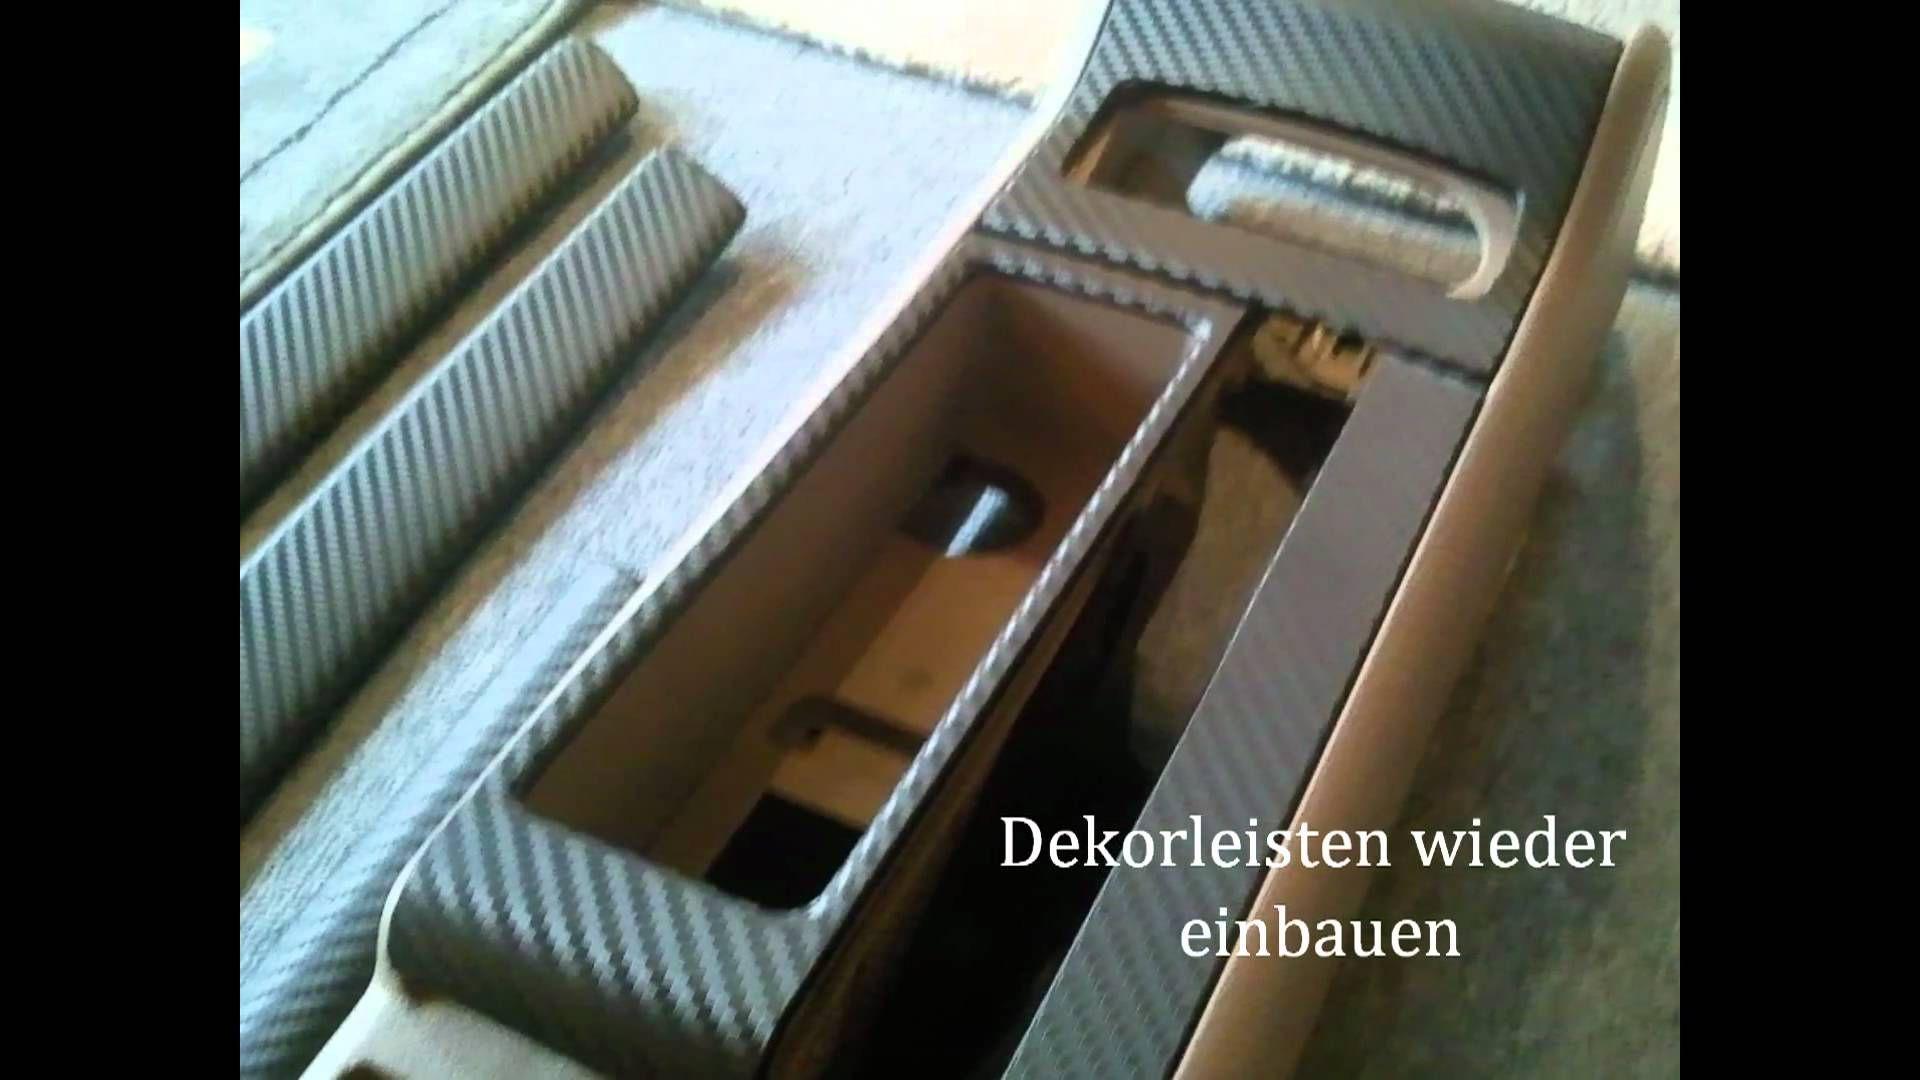 Audi A6 4b Dekorleisten Ausbauen Google Suche Mit Bildern Dekorleisten Audi A6 Audi